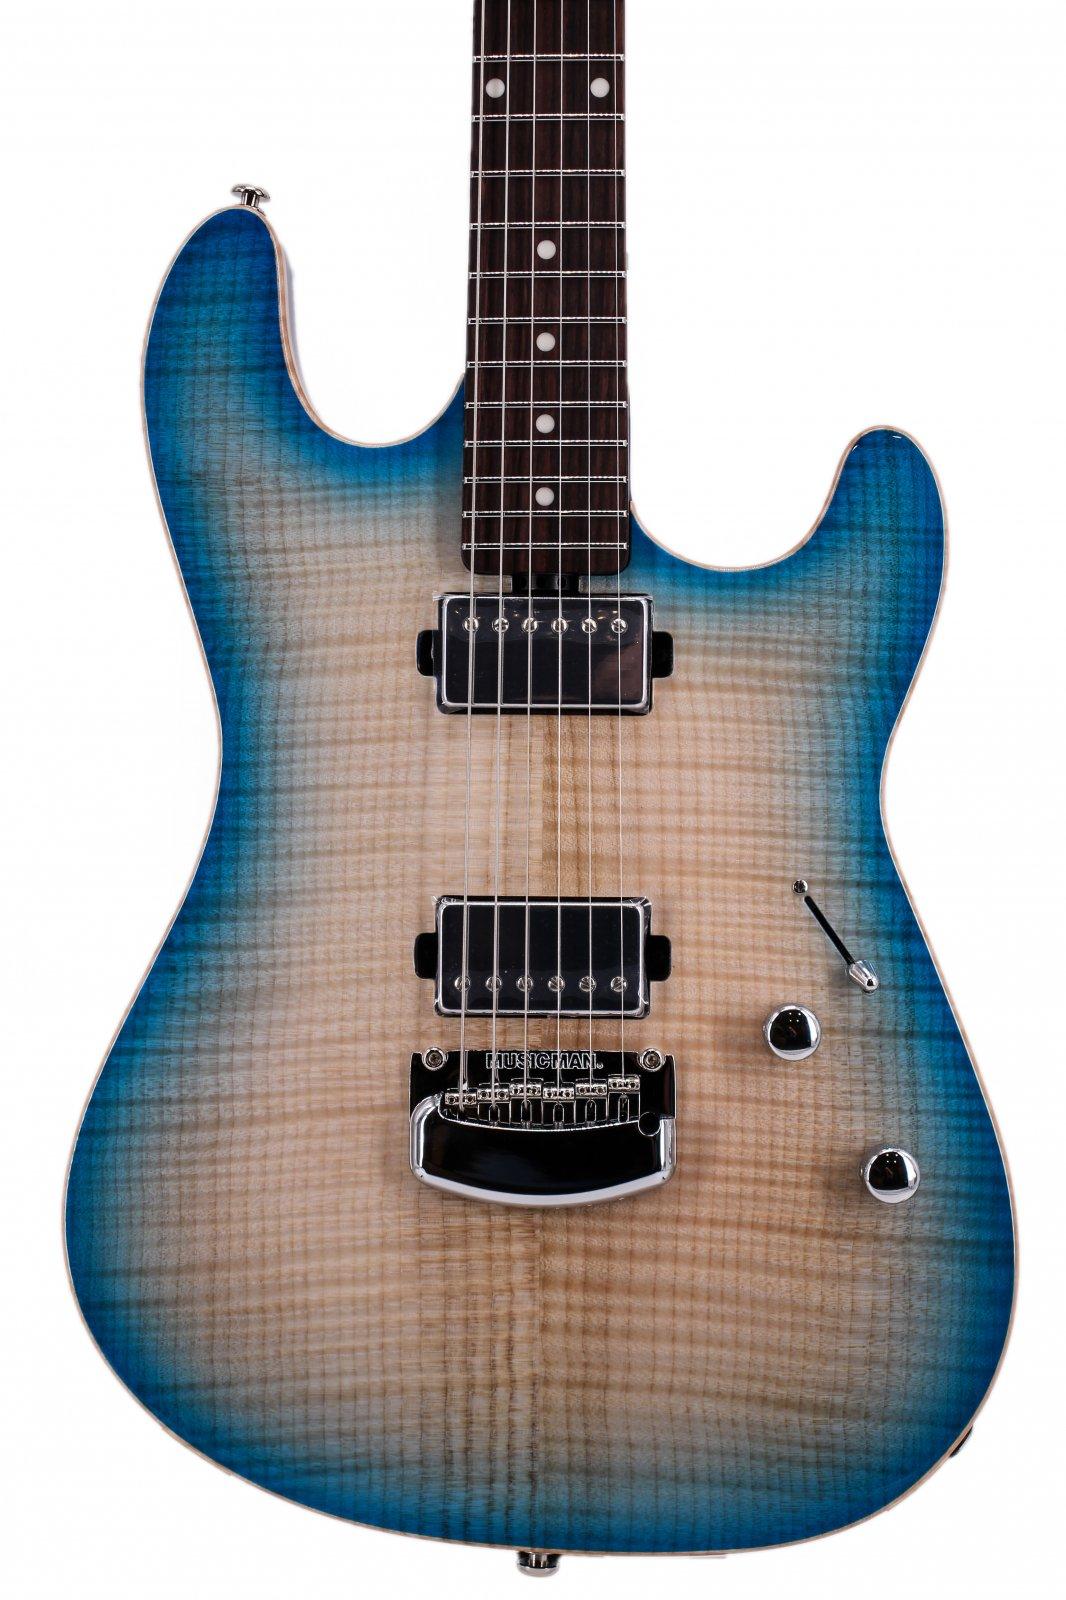 Ernie Ball Music Man Sabre BFR Coral Blue Burst Electric Guitar